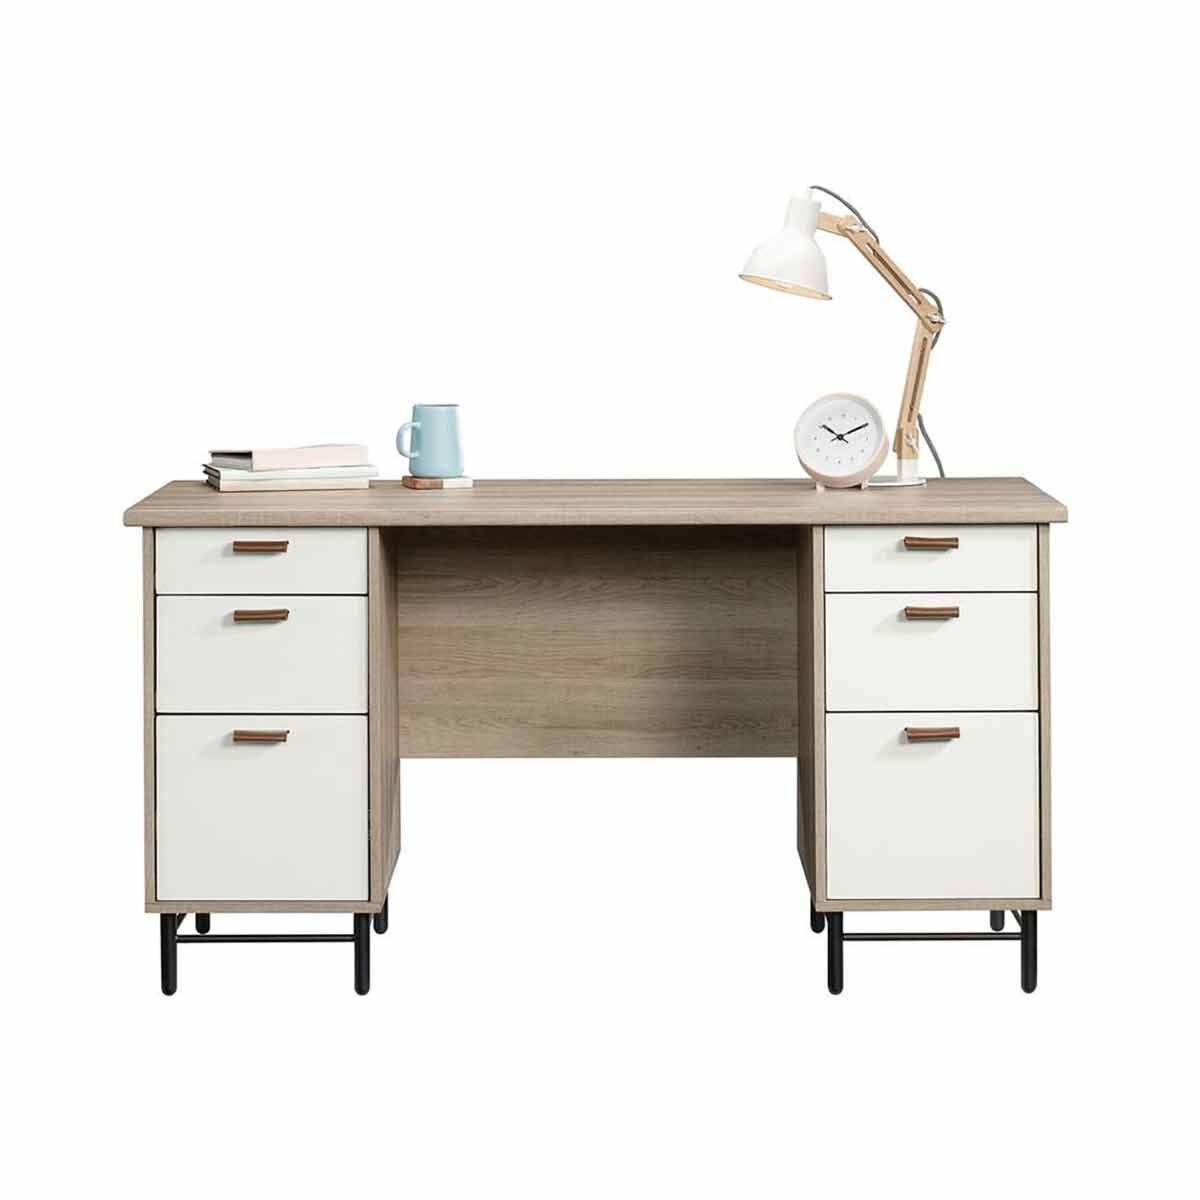 Teknik Office Avon Leather Handled Desk